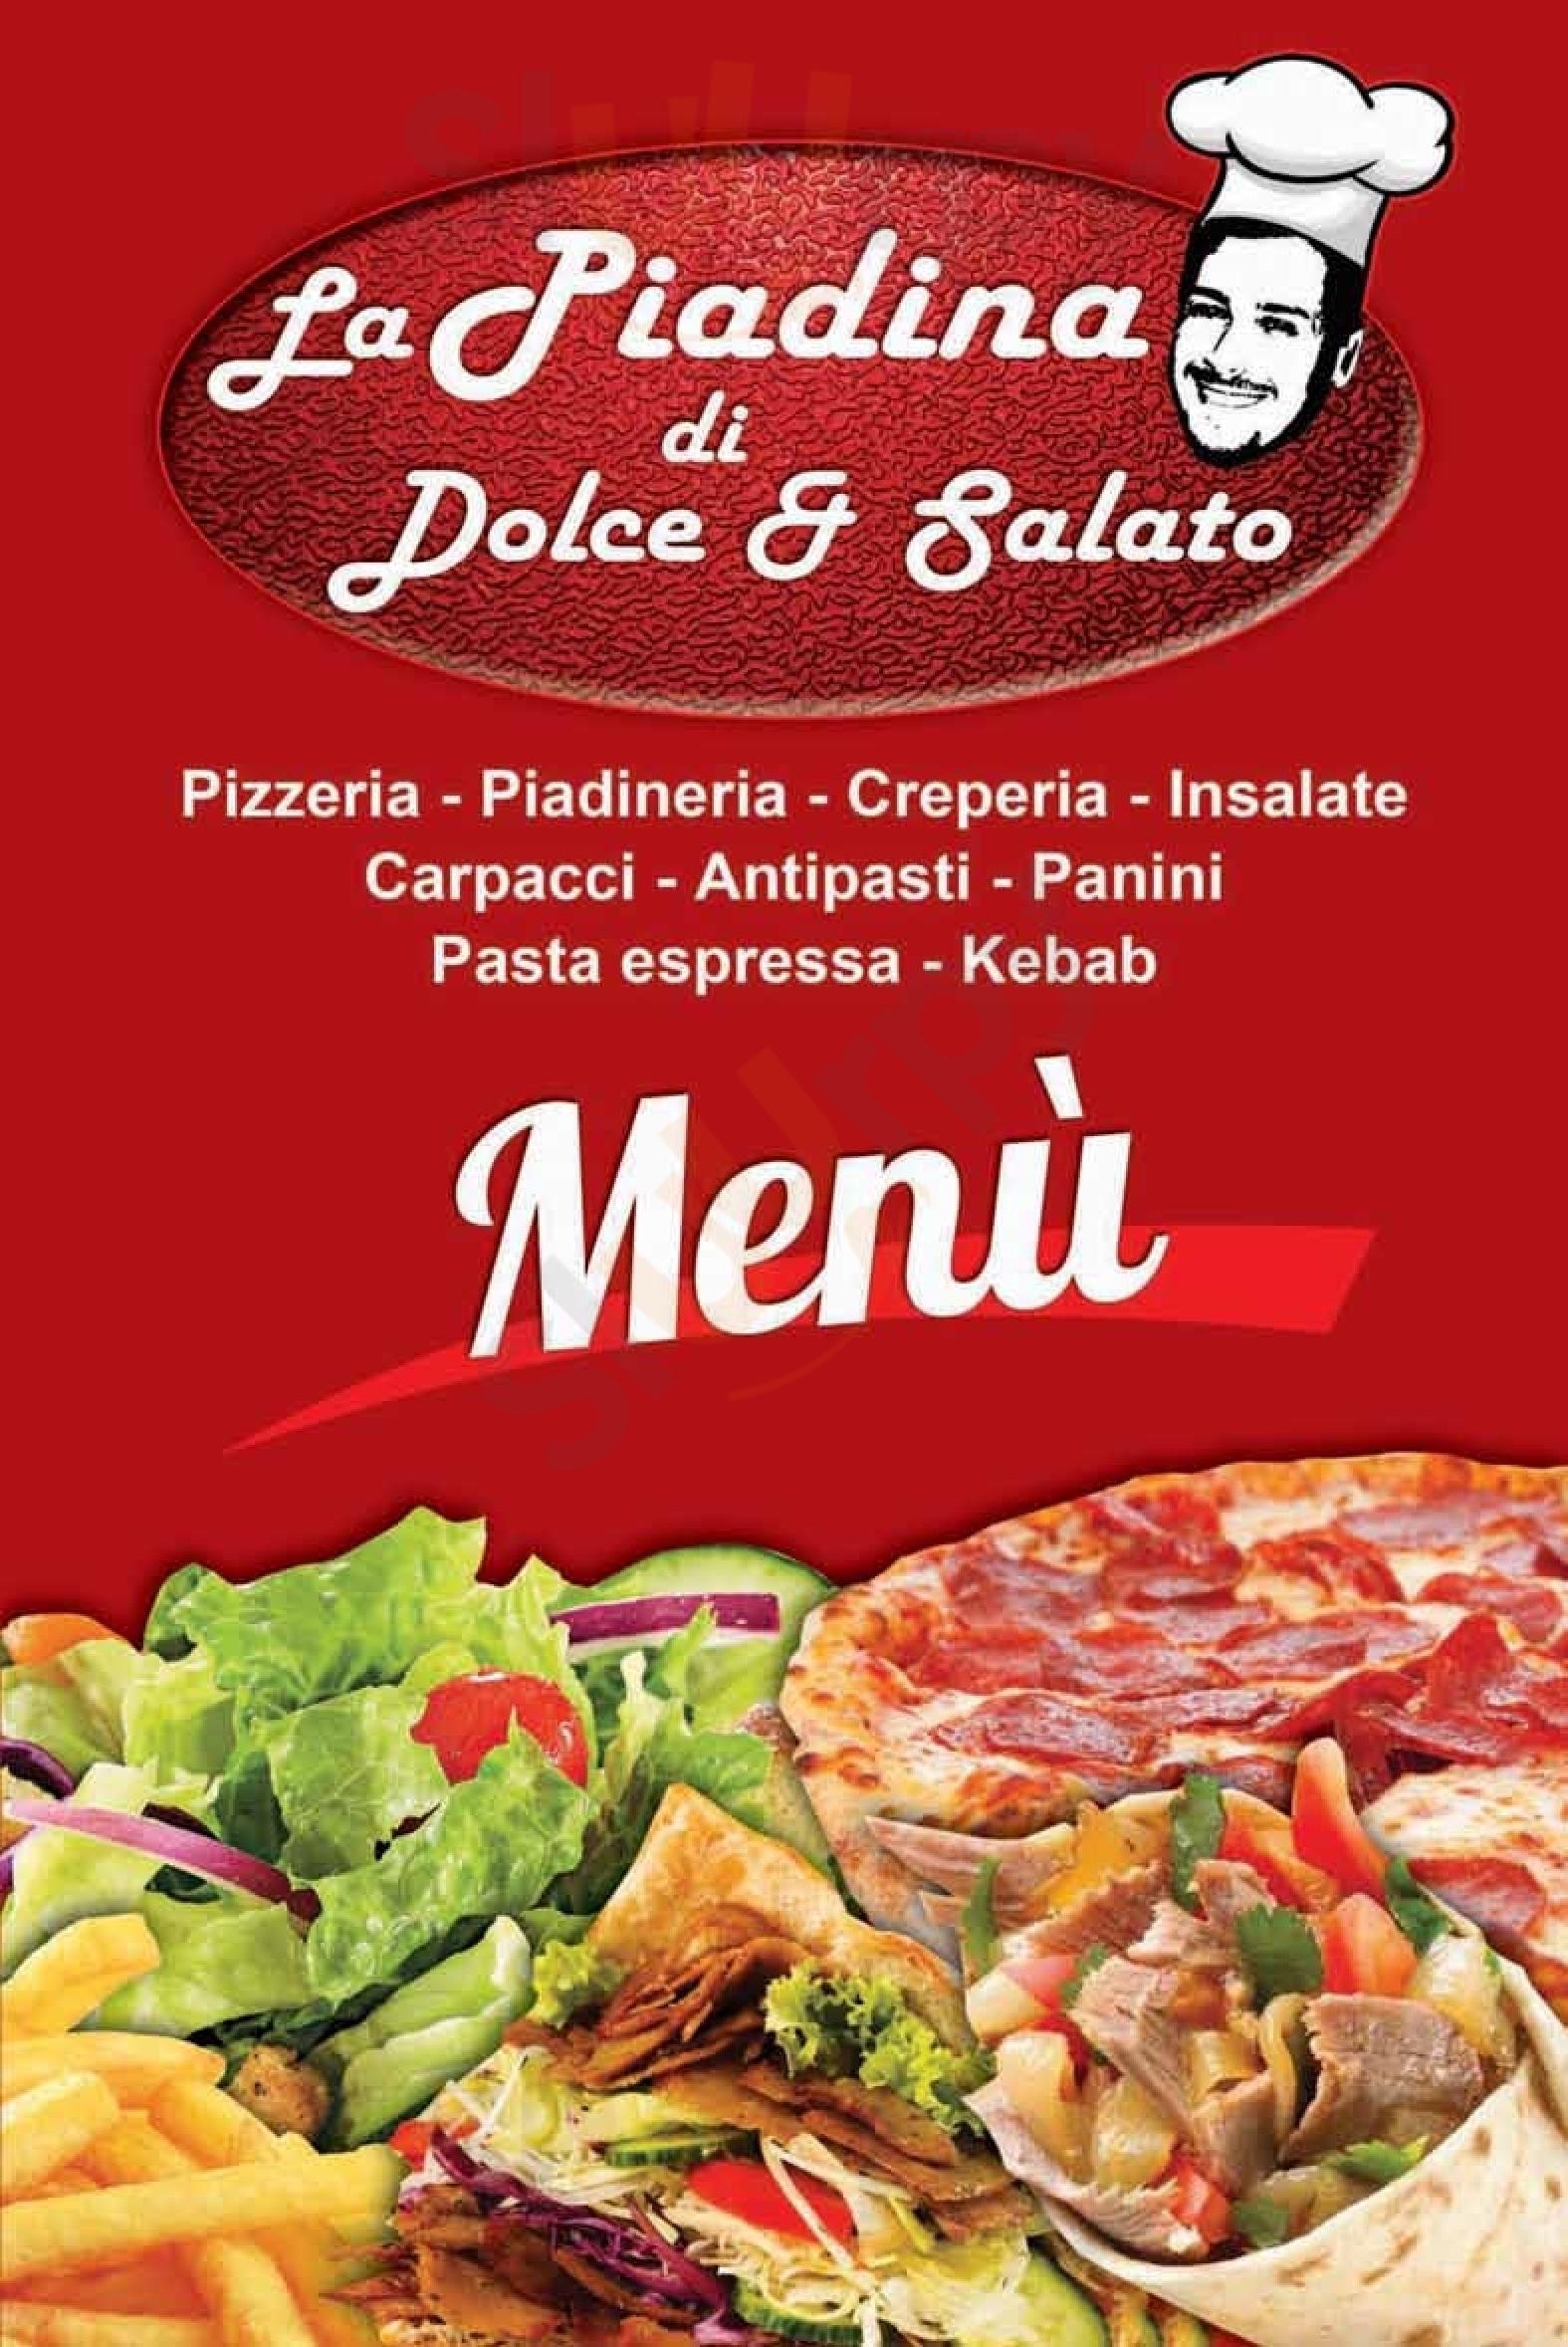 La Piadina di Dolce & Salato Palermo menù 1 pagina